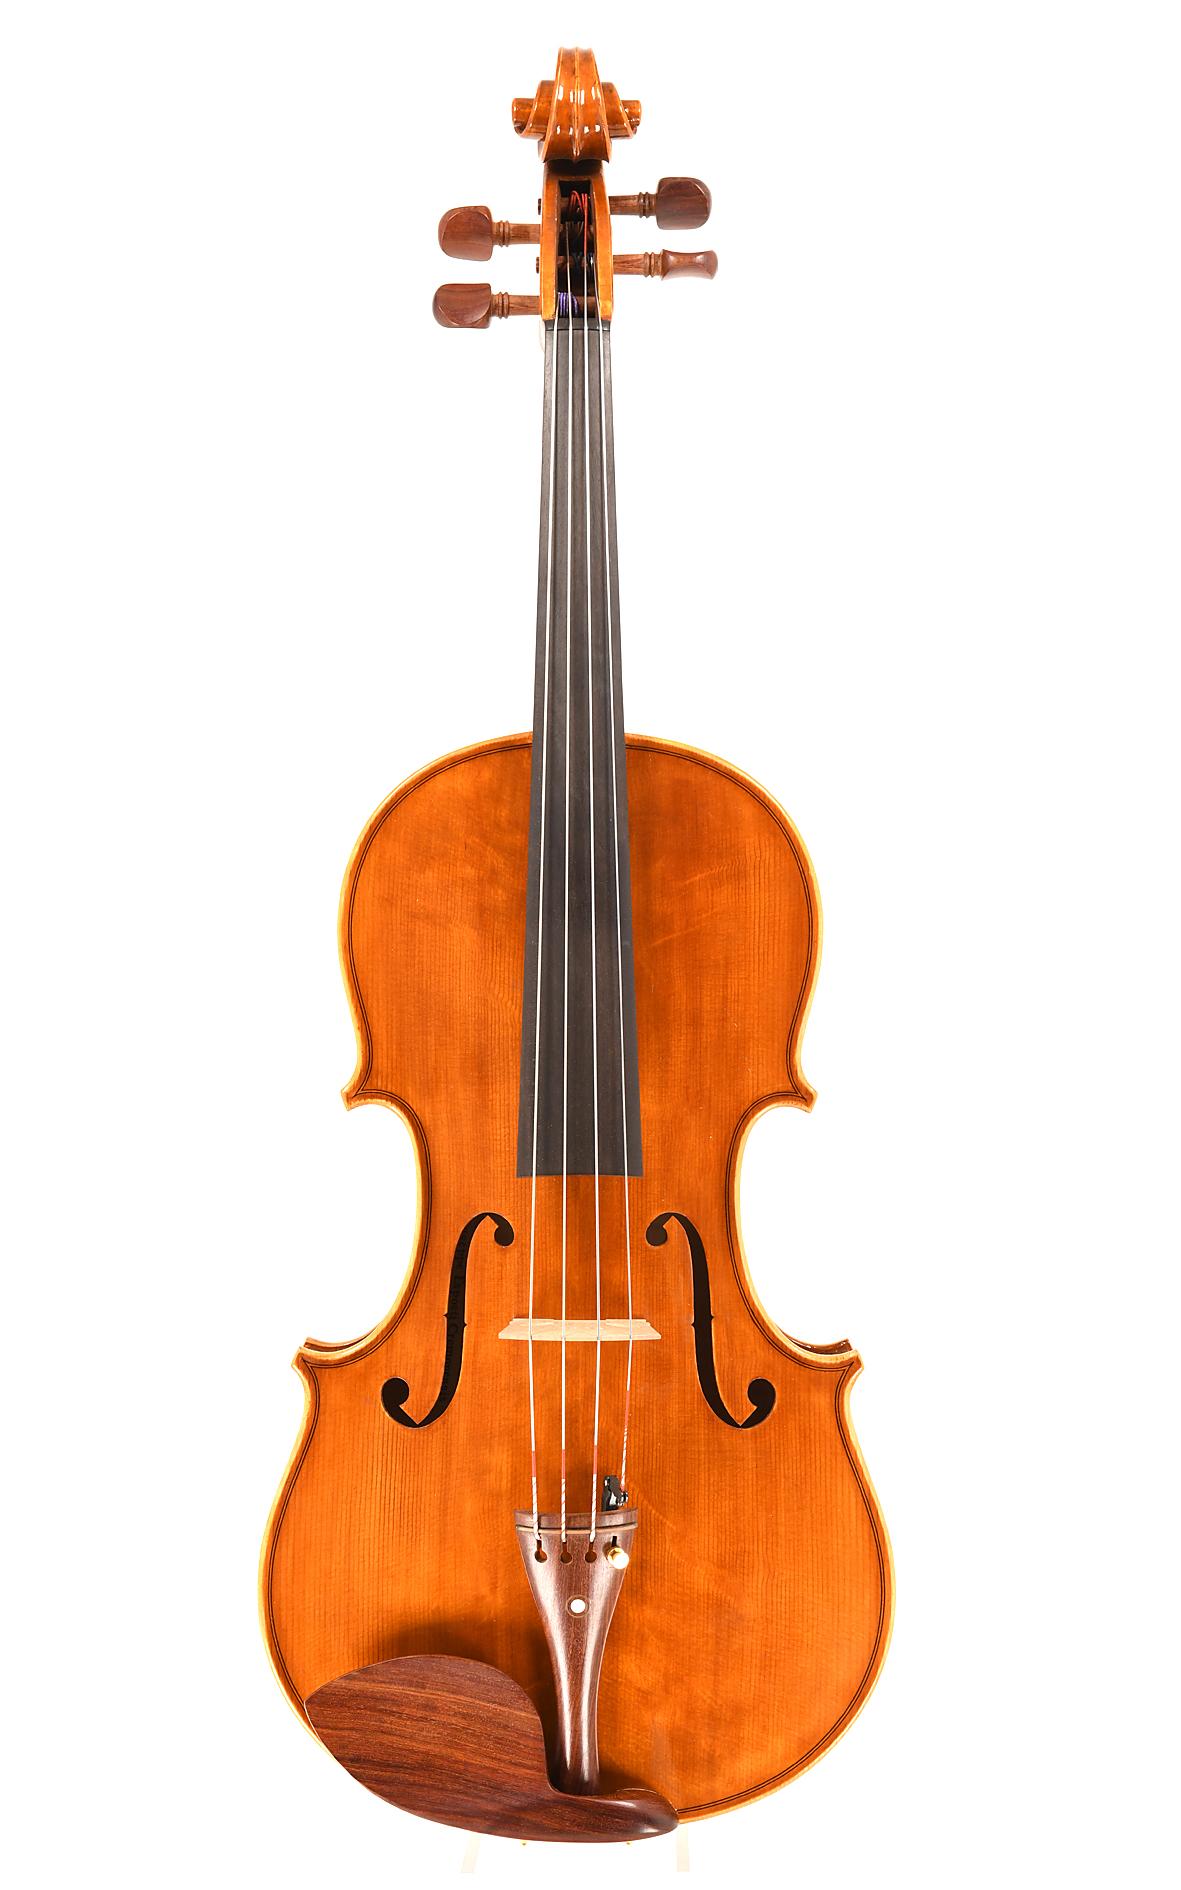 Viola from Cremona, Piergiuseppe Esposti